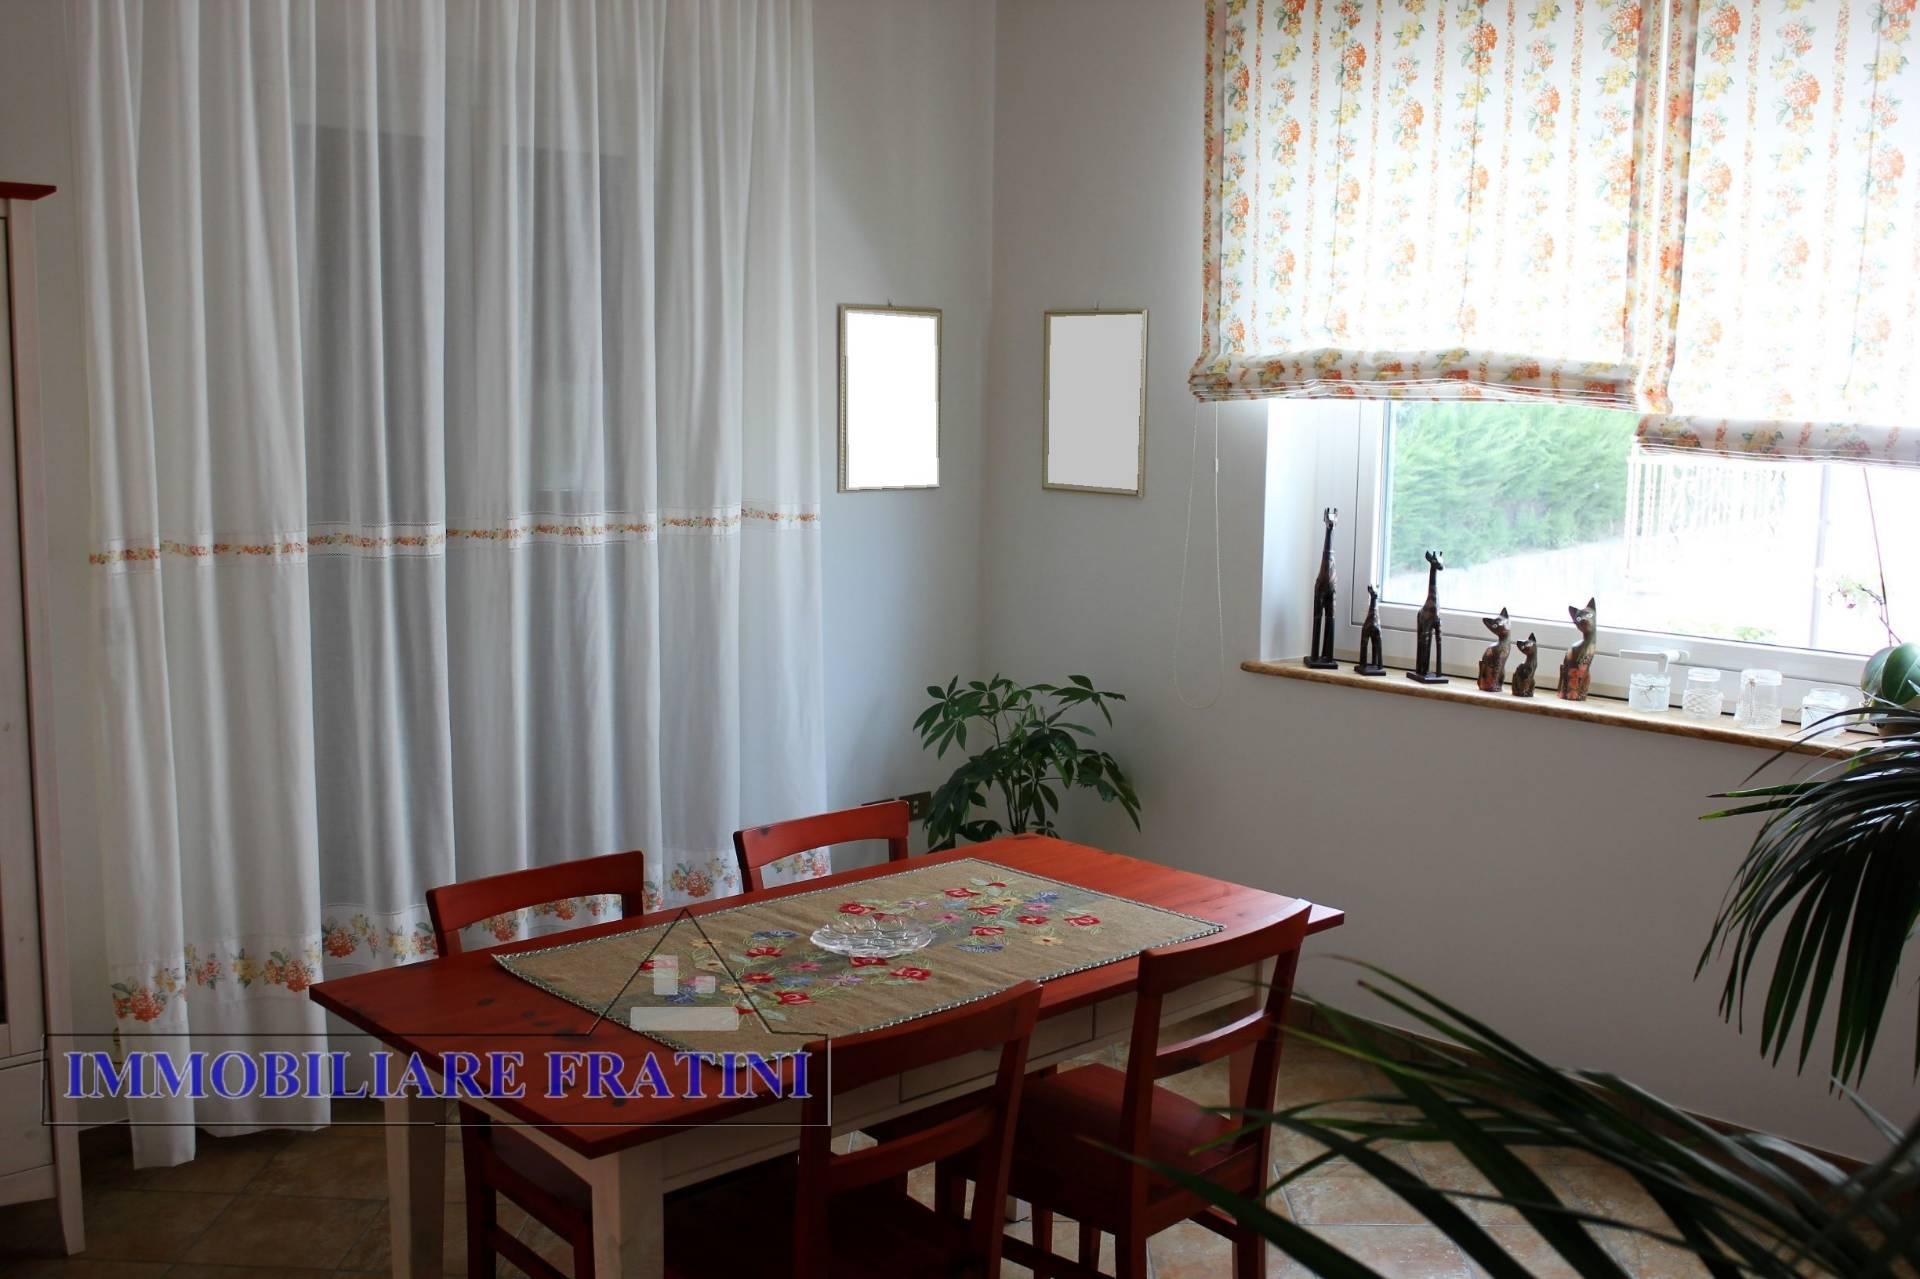 Appartamento in vendita a Ancarano, 6 locali, prezzo € 125.000 | PortaleAgenzieImmobiliari.it